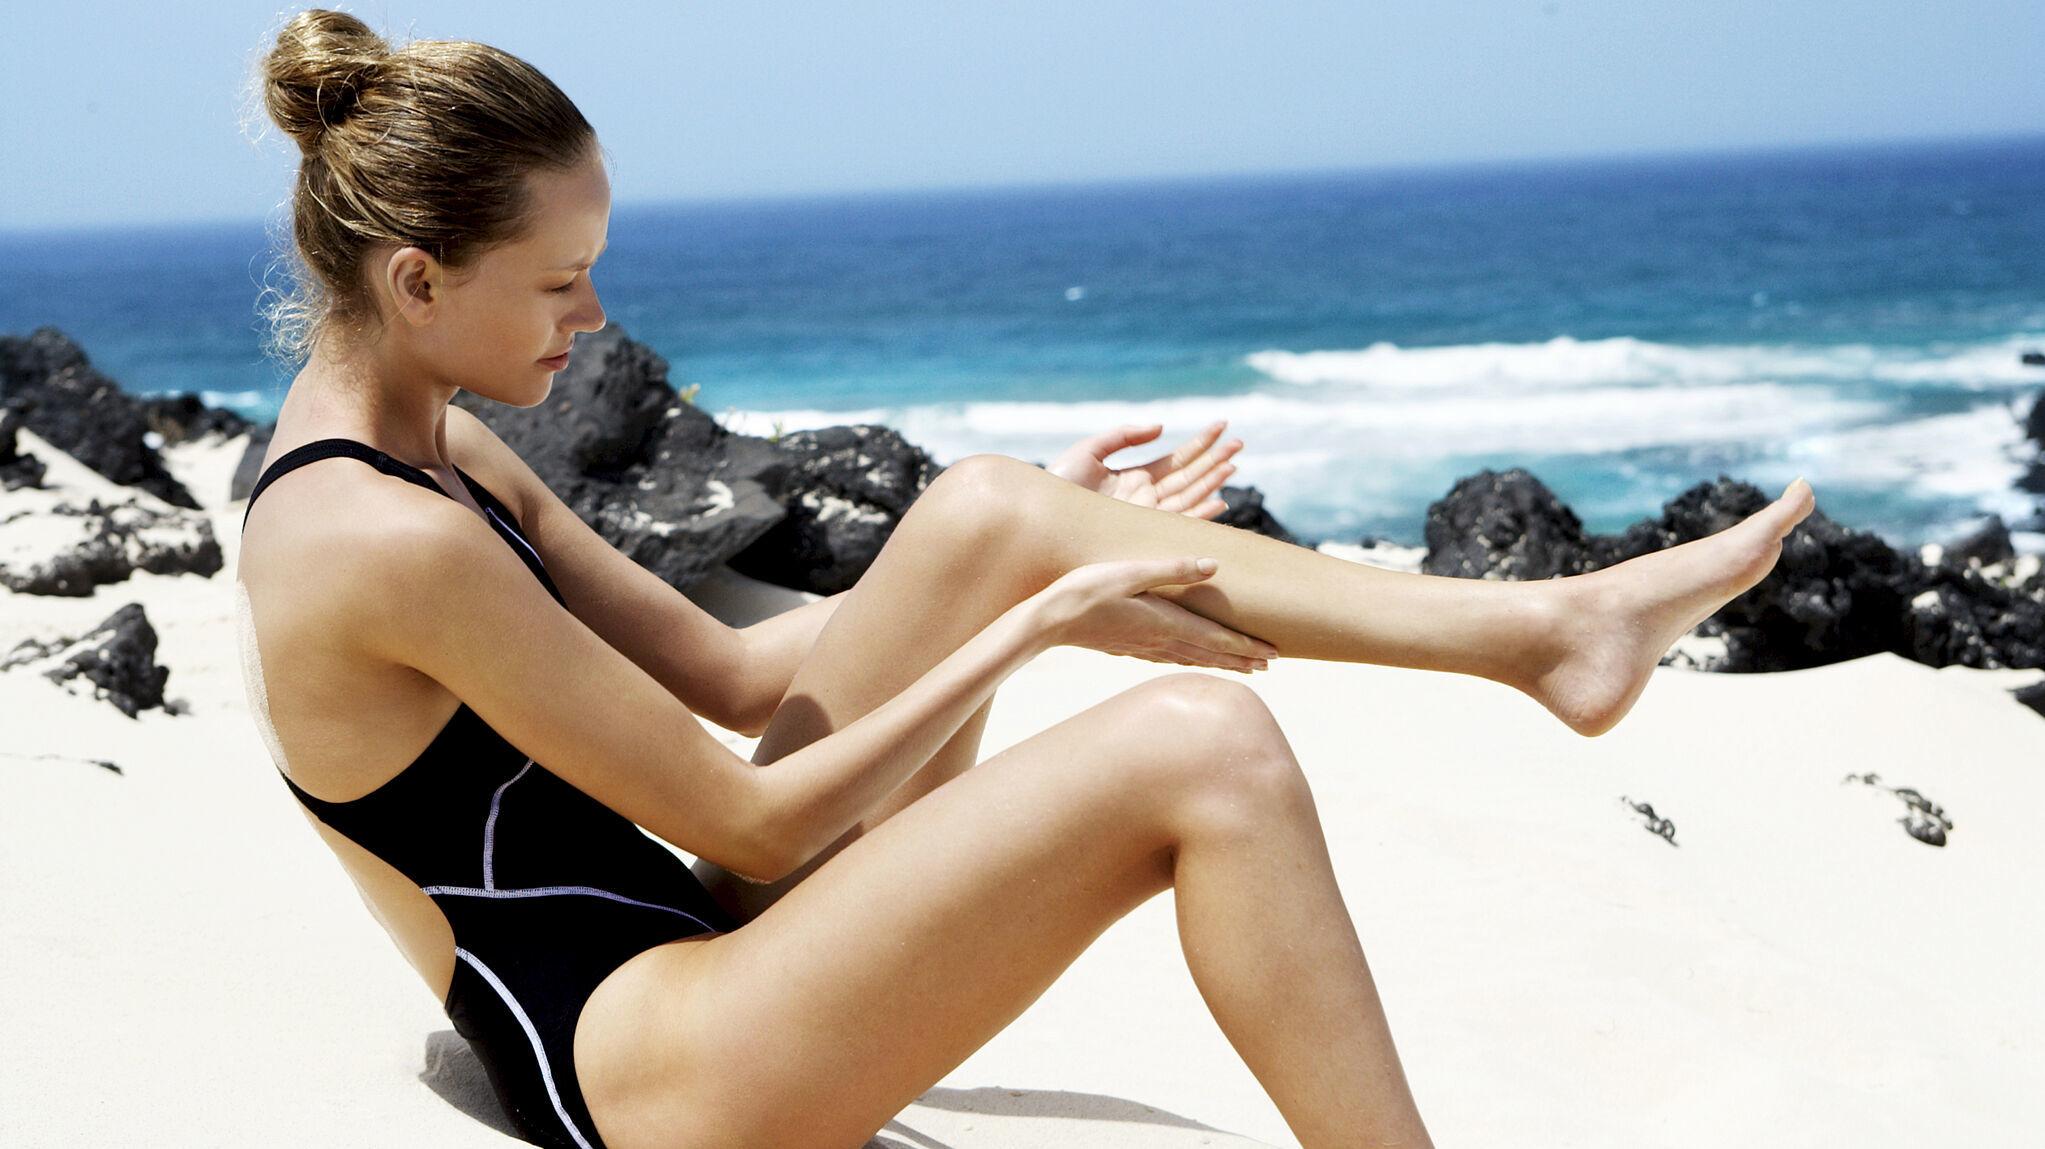 Si estas buscando además las mejores cremas solares y otros productos en loción o en aceite, estas son nuestras 10 favoritas para mimar tu piel desde ahora mismo.